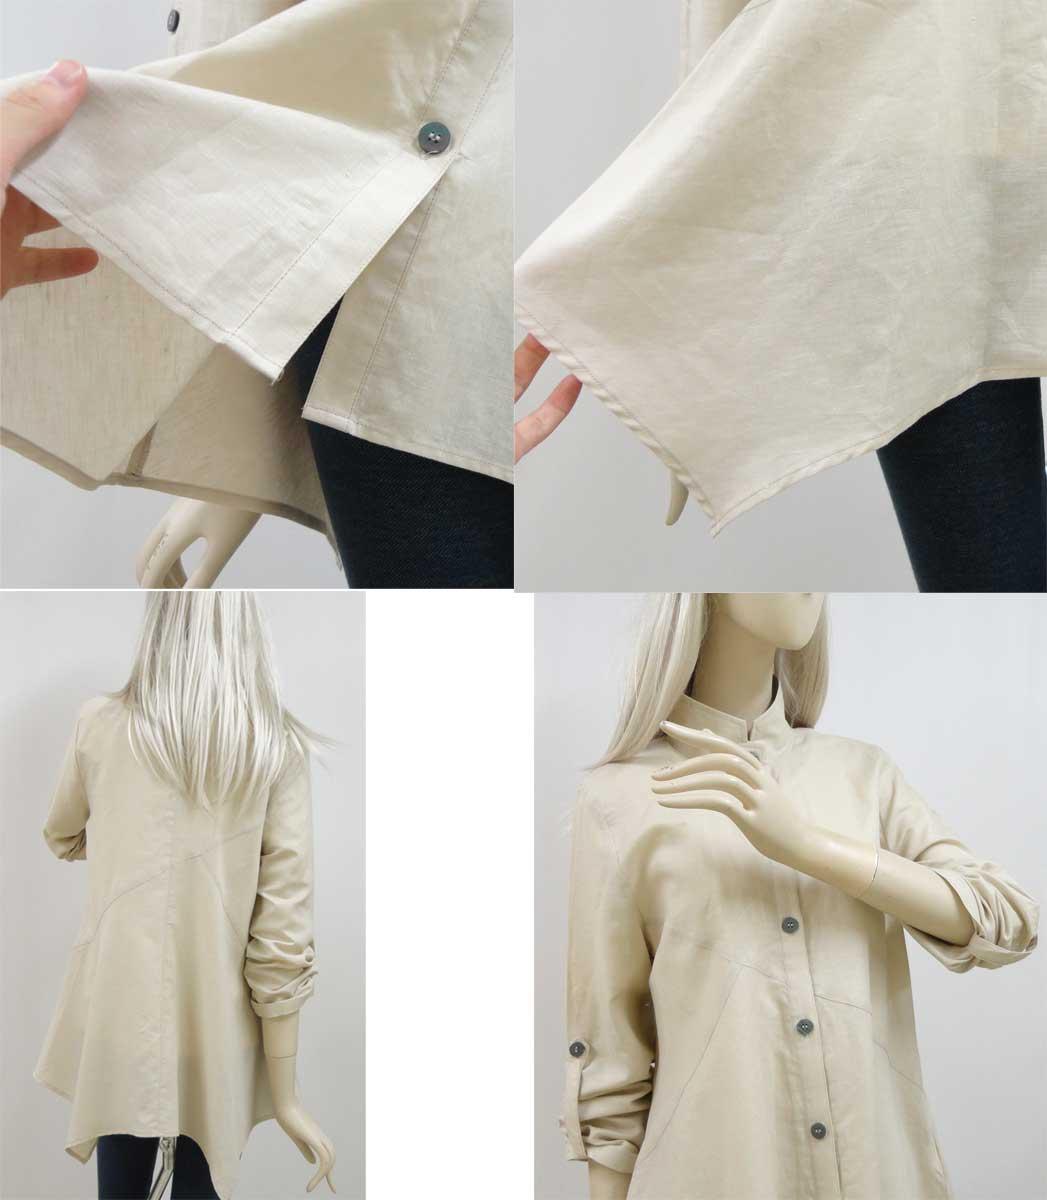 611綿麻シャツベージュの背面全体と質感と袖b3